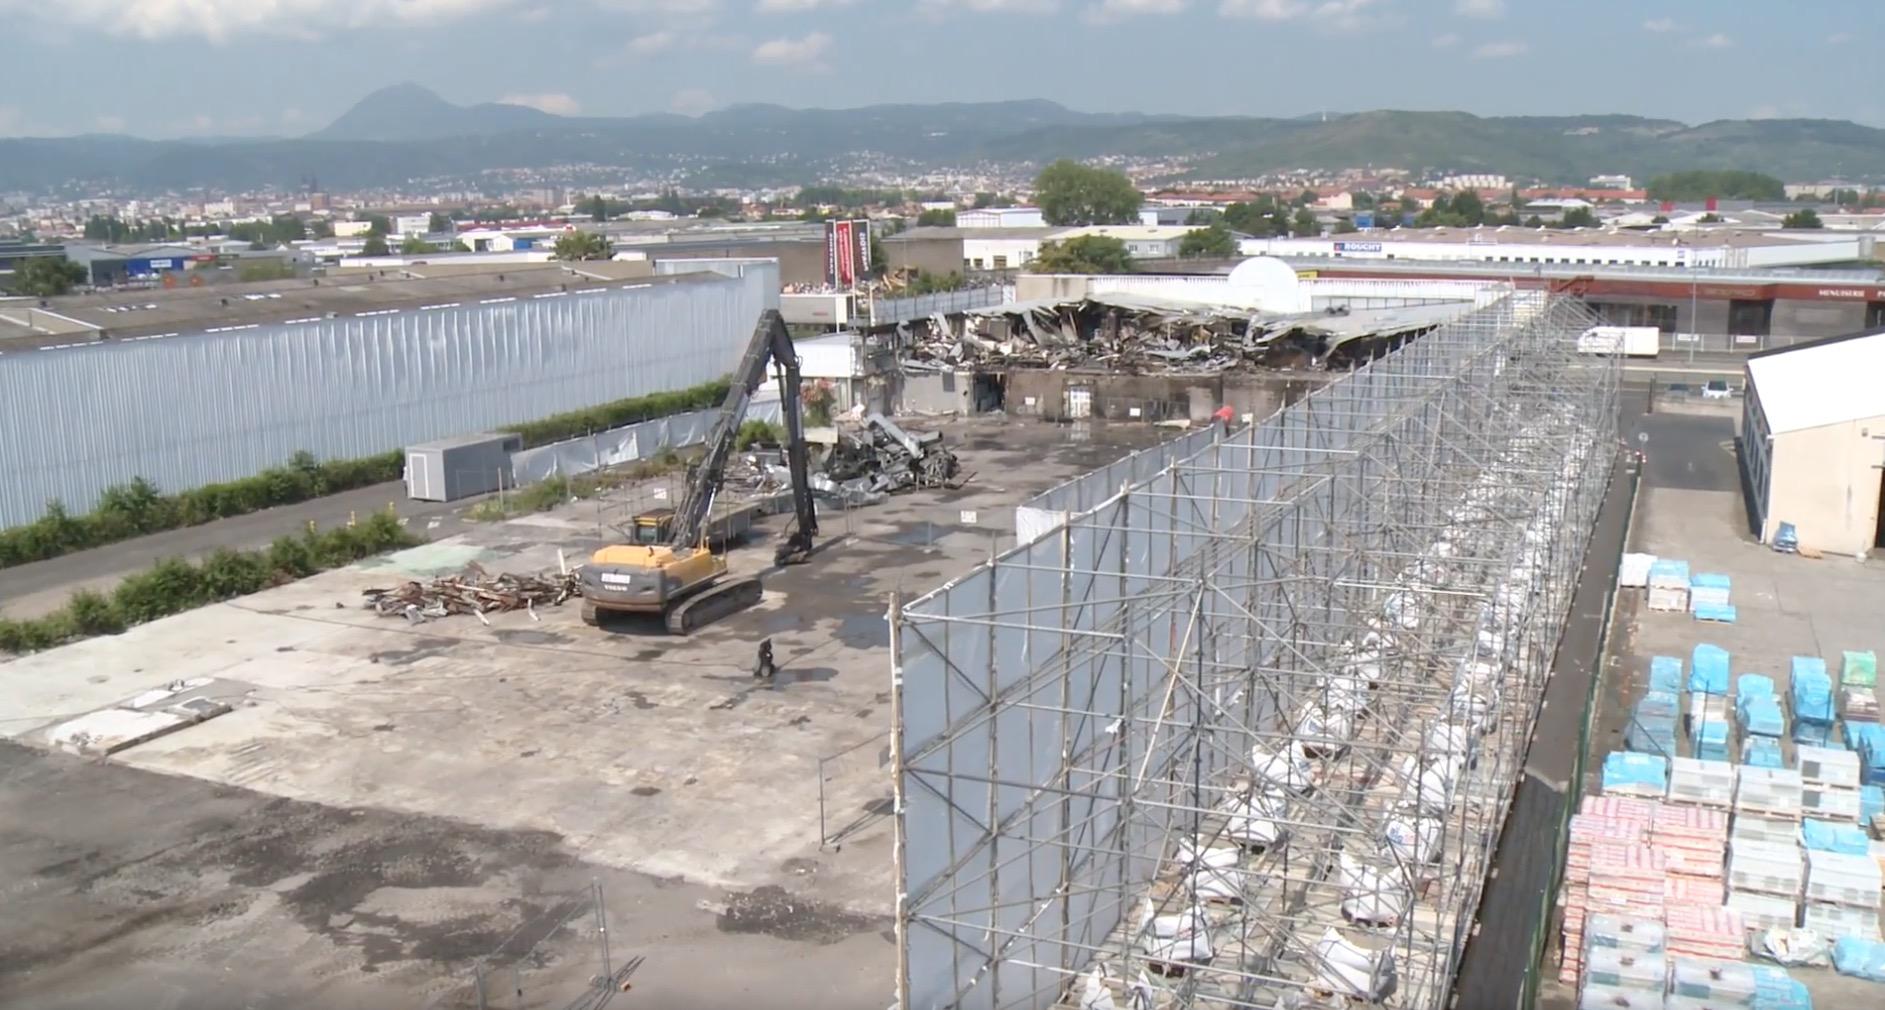 Déconstruction d'un bâtiment sinistré amianté